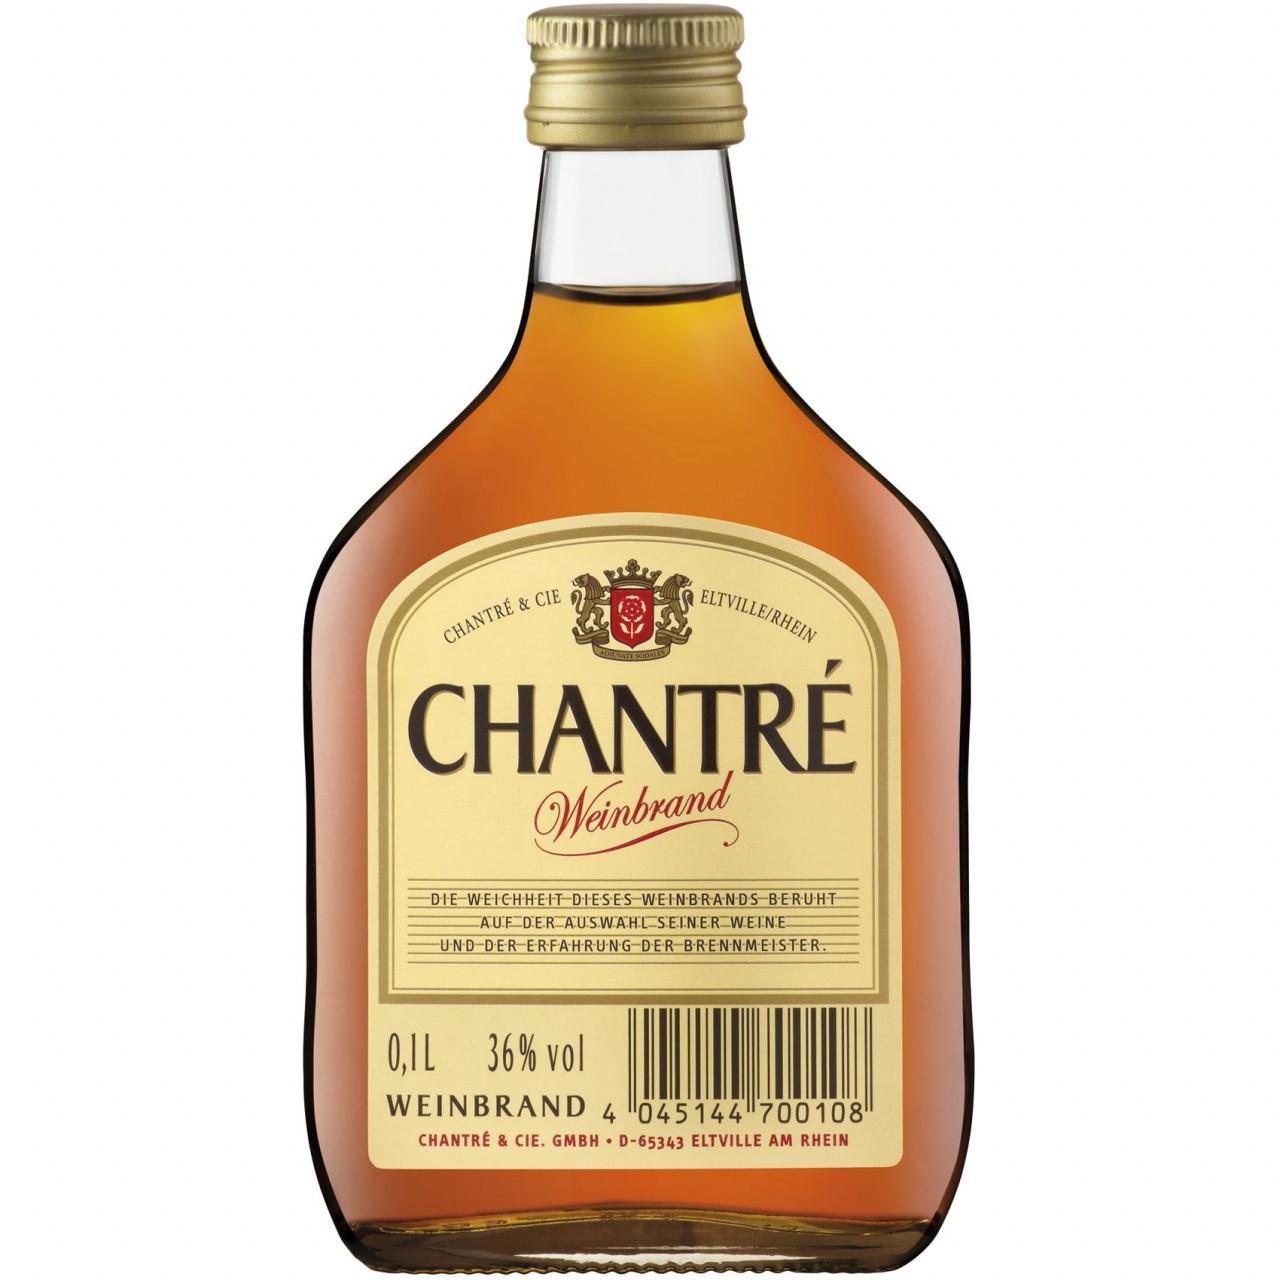 Chantré Weinbrand 36% 0,1l